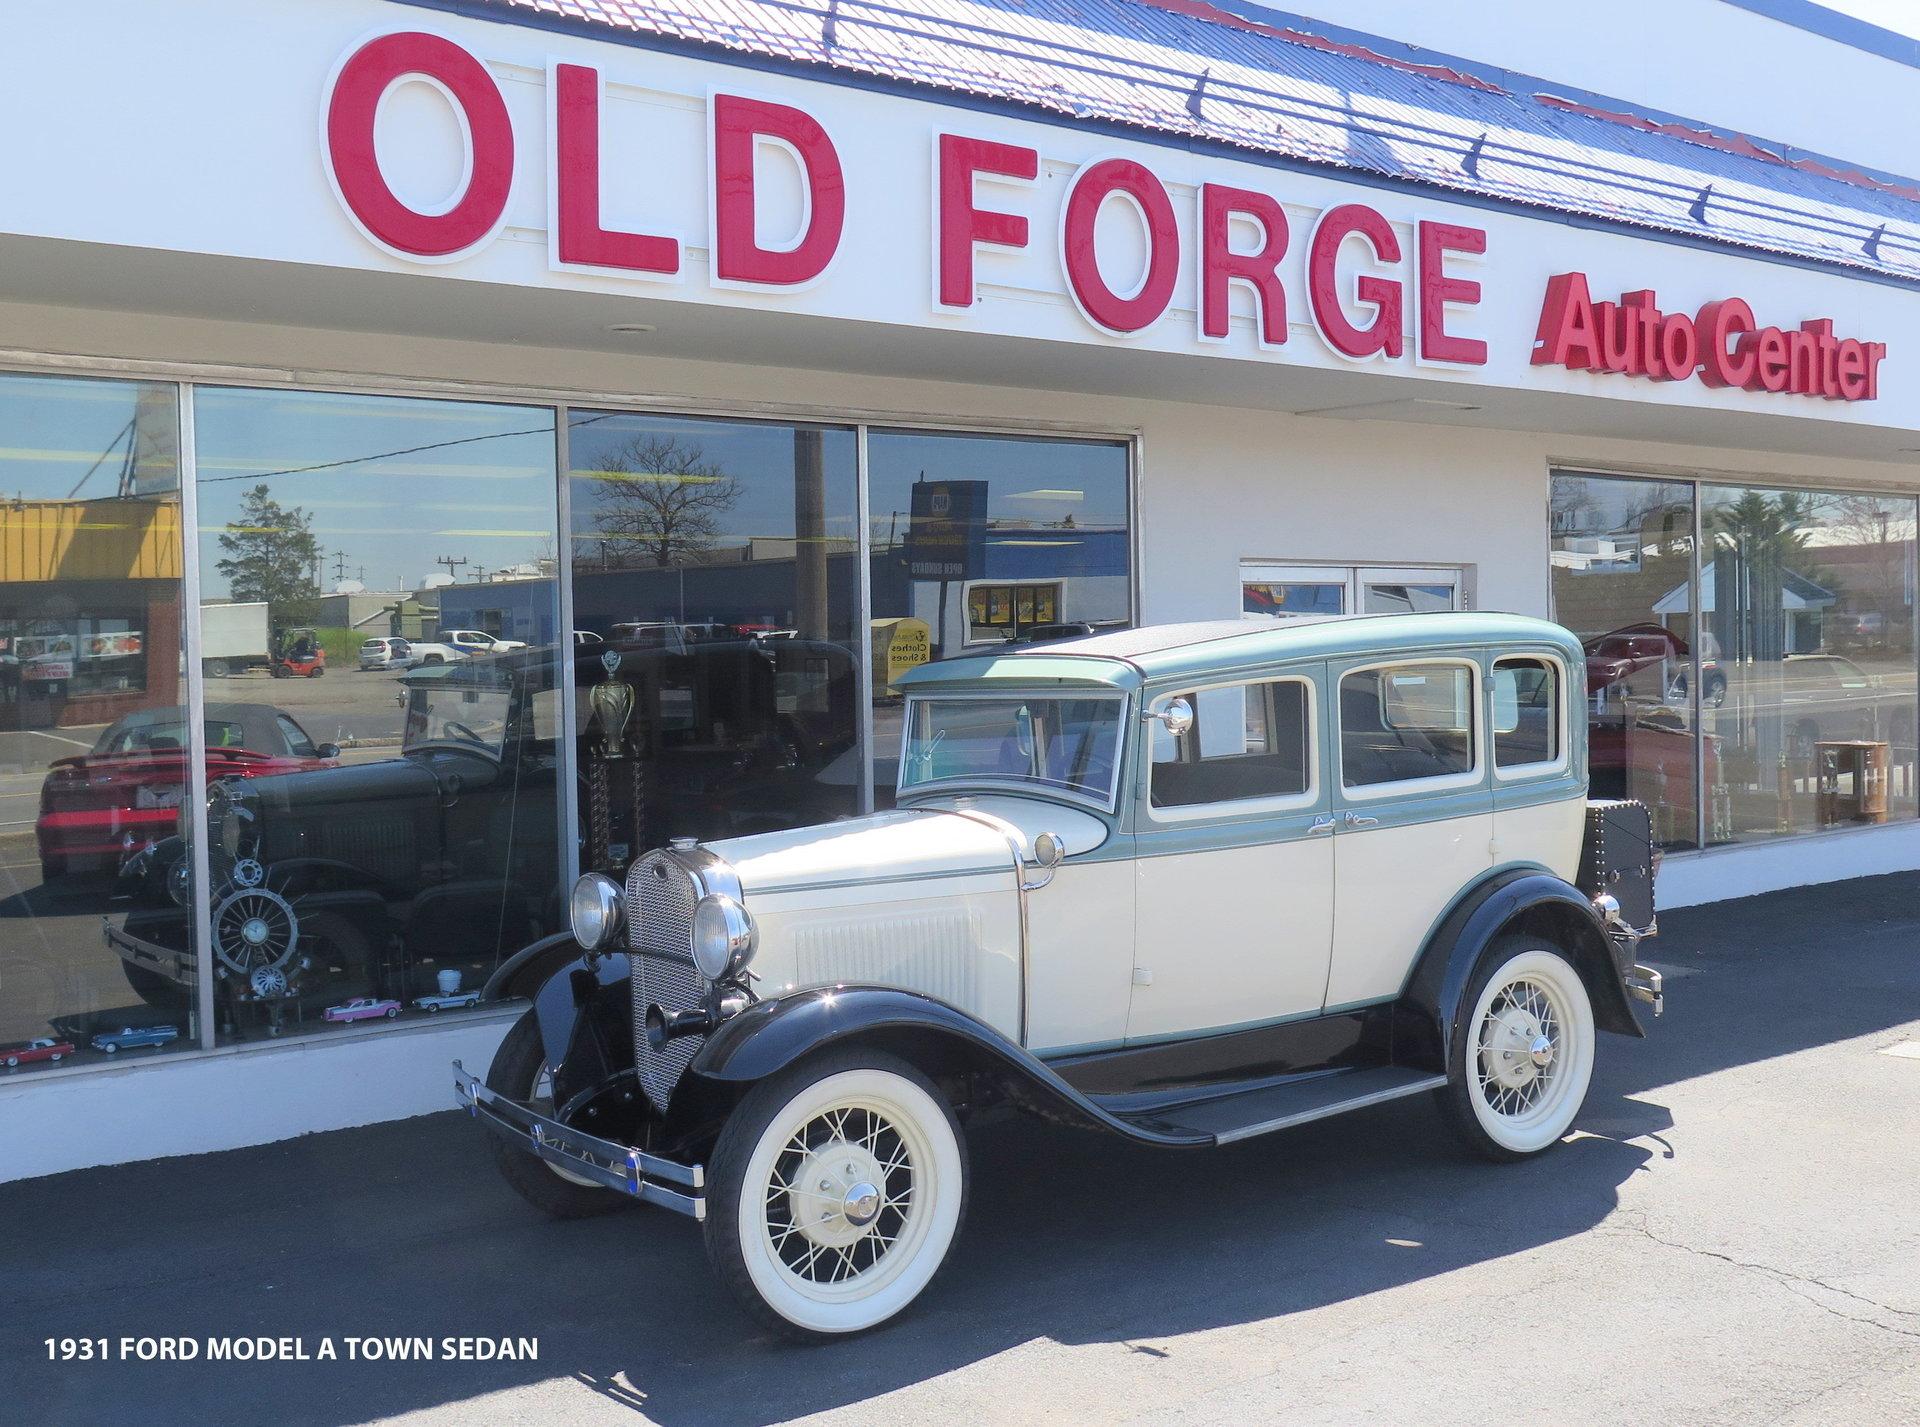 2133565fe6c3a hd 1931 ford model a town sedan